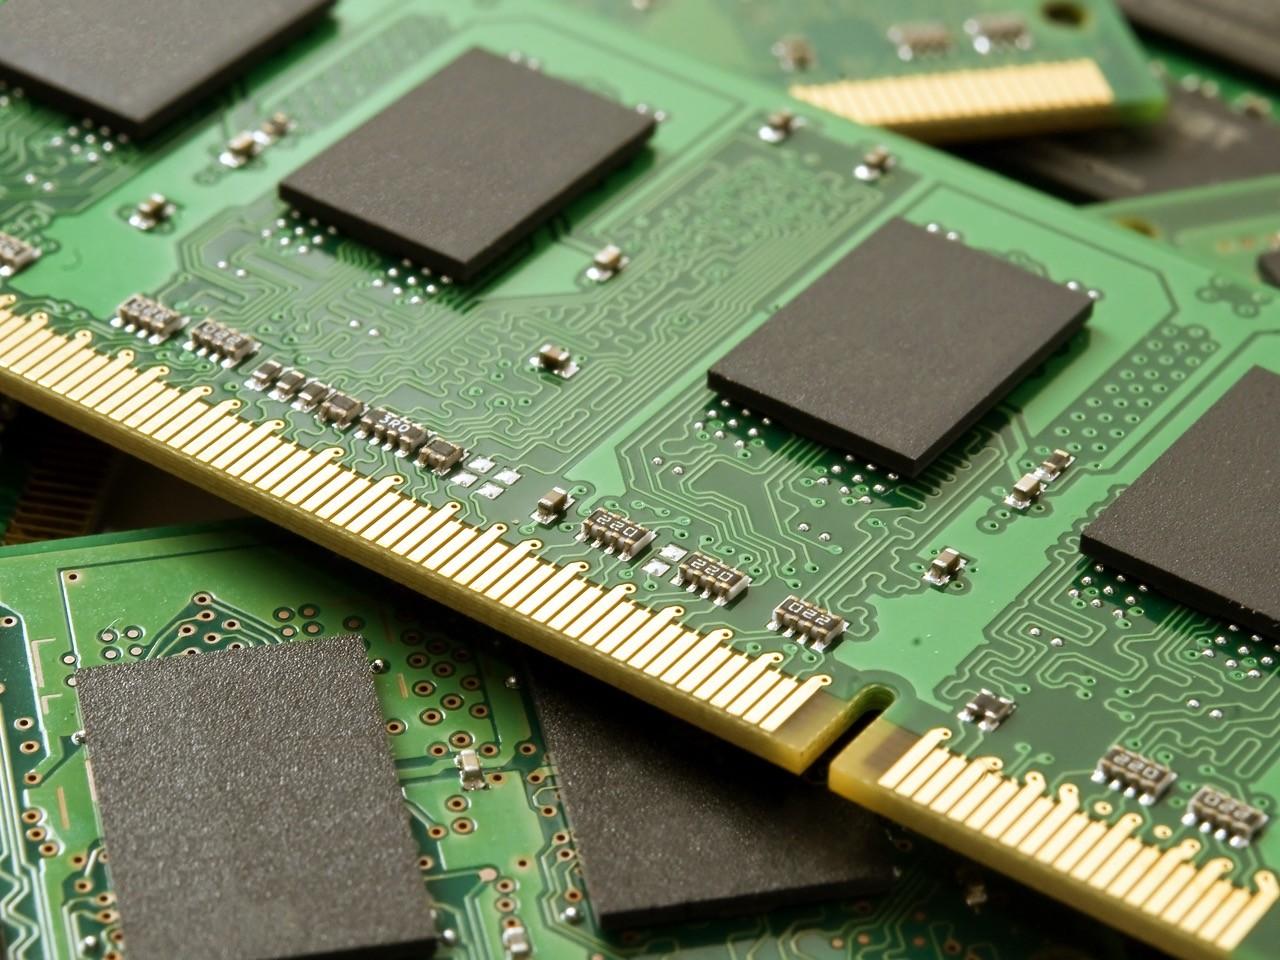 記憶體直接可做處理器,未來裝置有望更加輕薄短小